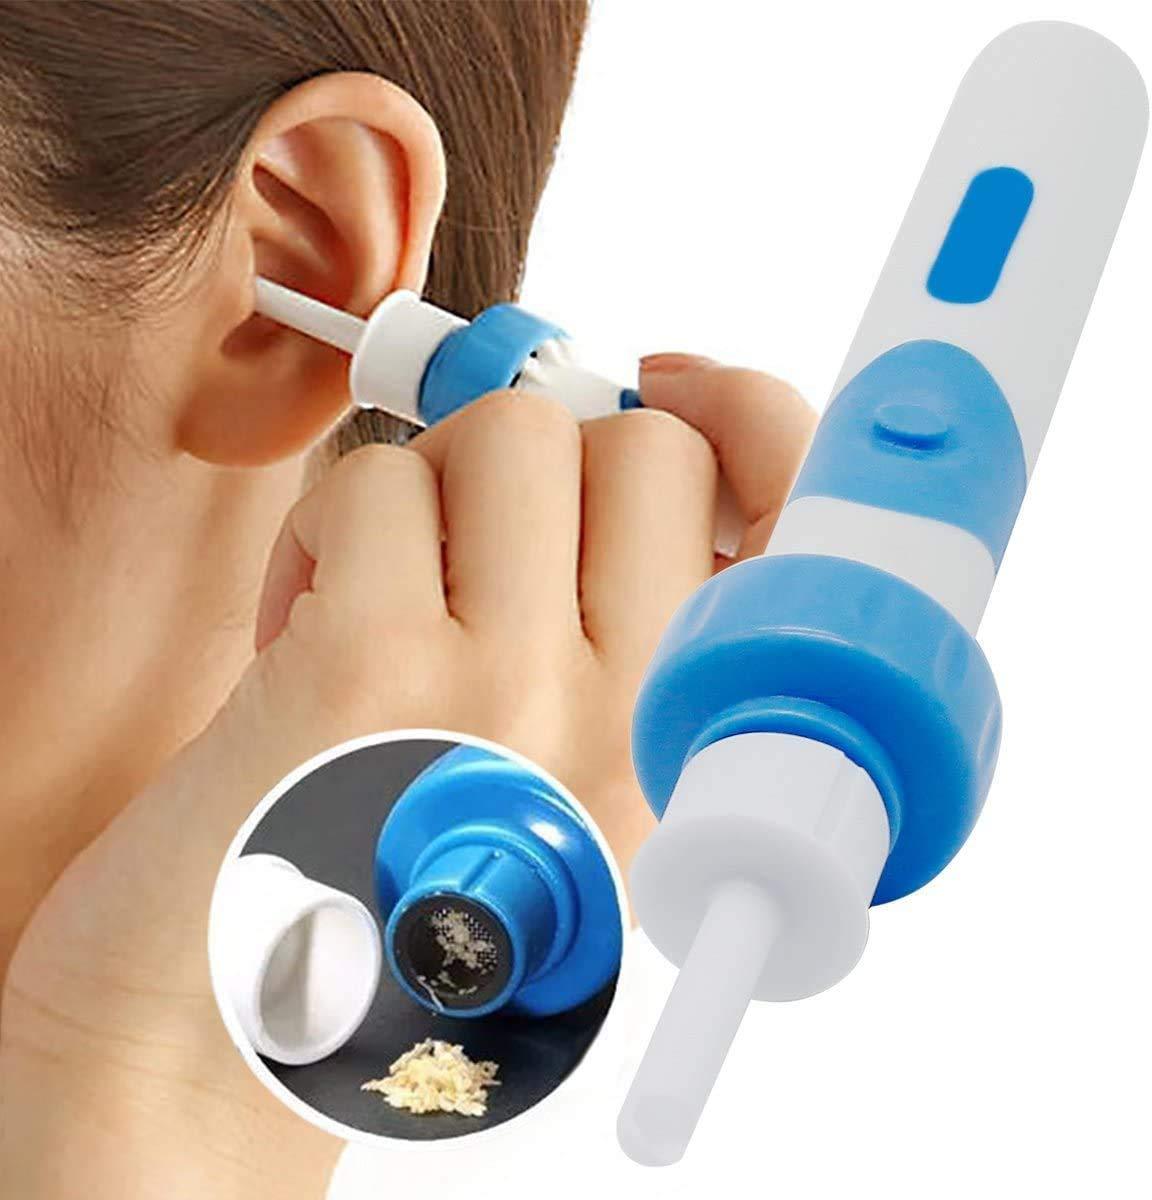 KOLP Ohrenreiniger Ear Wax Cleaner Ohr Schmalz Reiniger mit 2 entfernbaren Silikon Aufsatzen Elektro Ohrwachs Entfernungs Tool Kit F/ür Babys Und Erwachsene